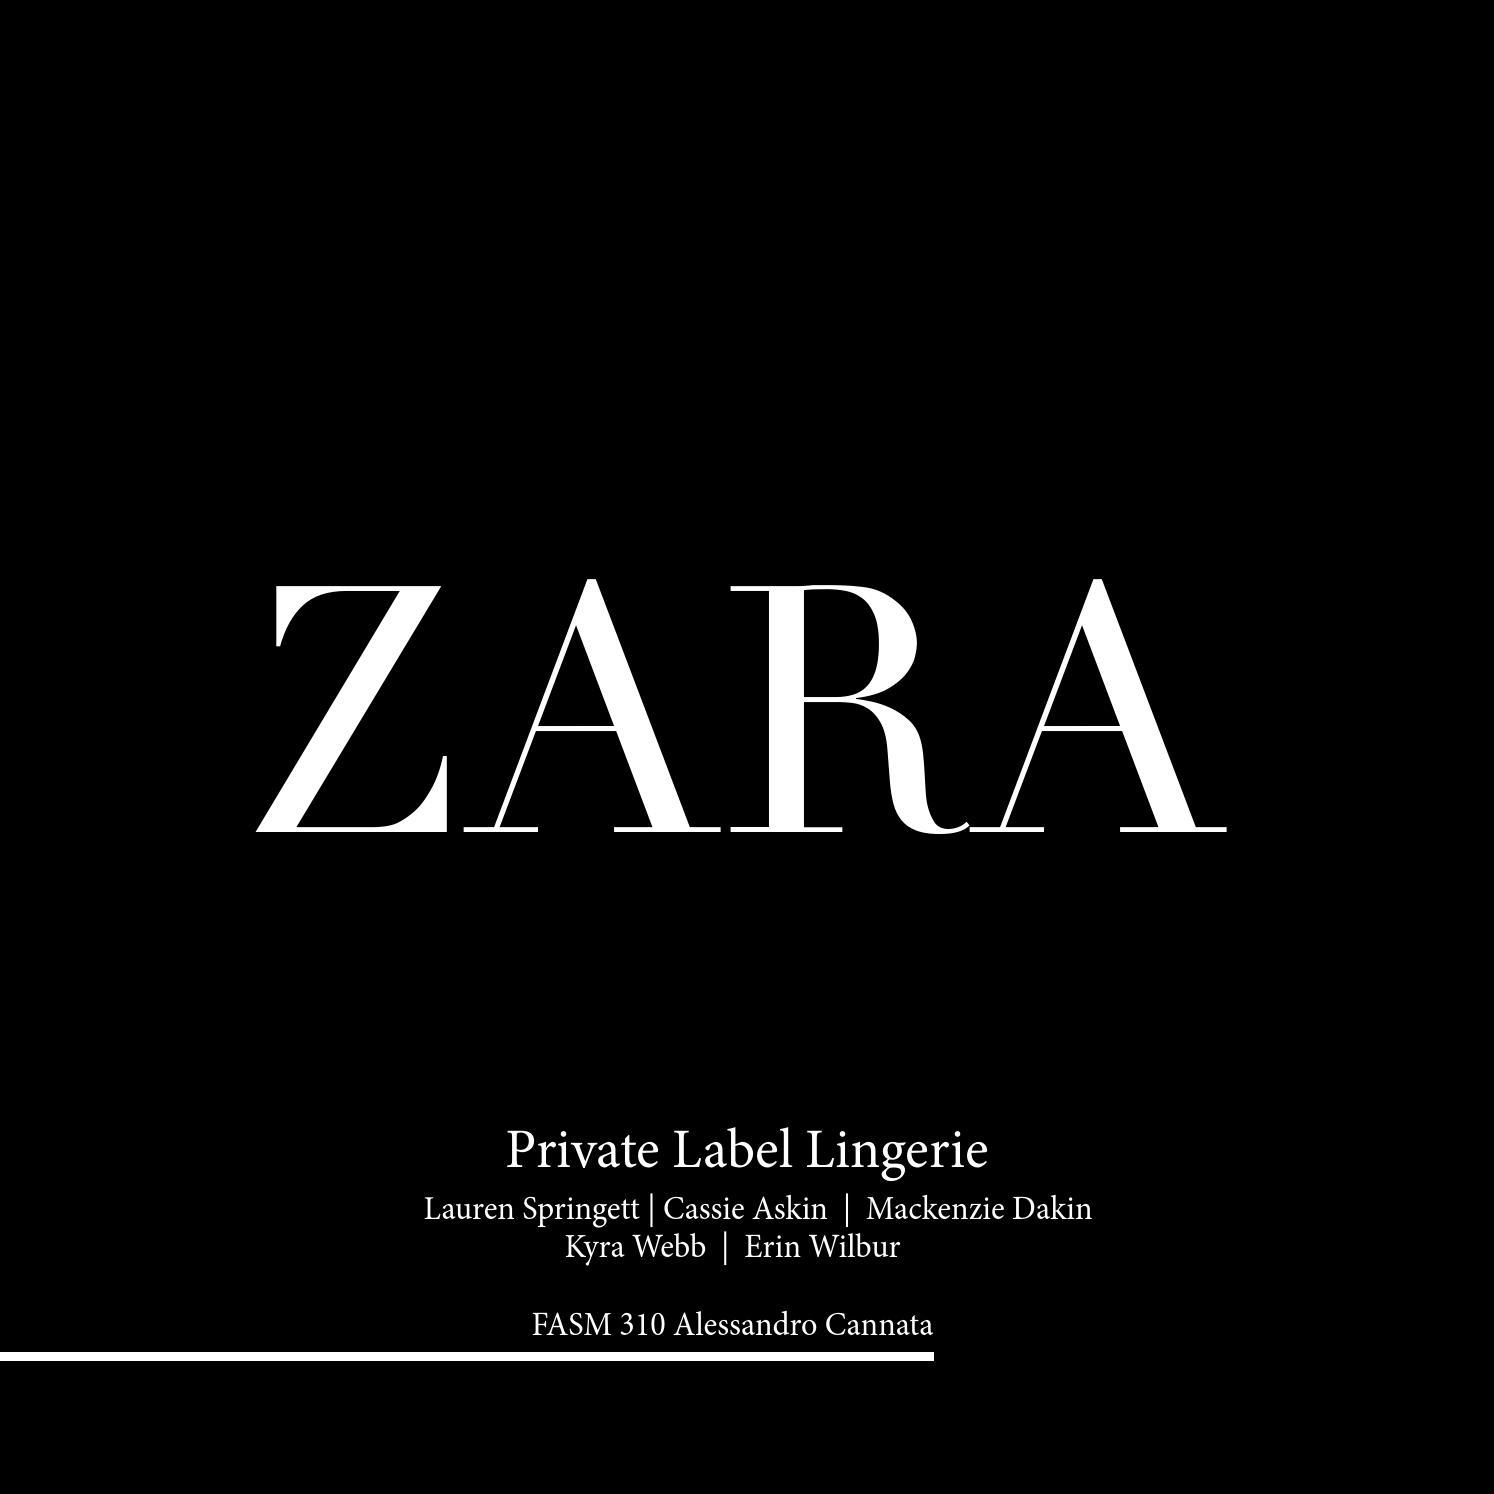 Zara Private Label Lingerie By Lauren Springett